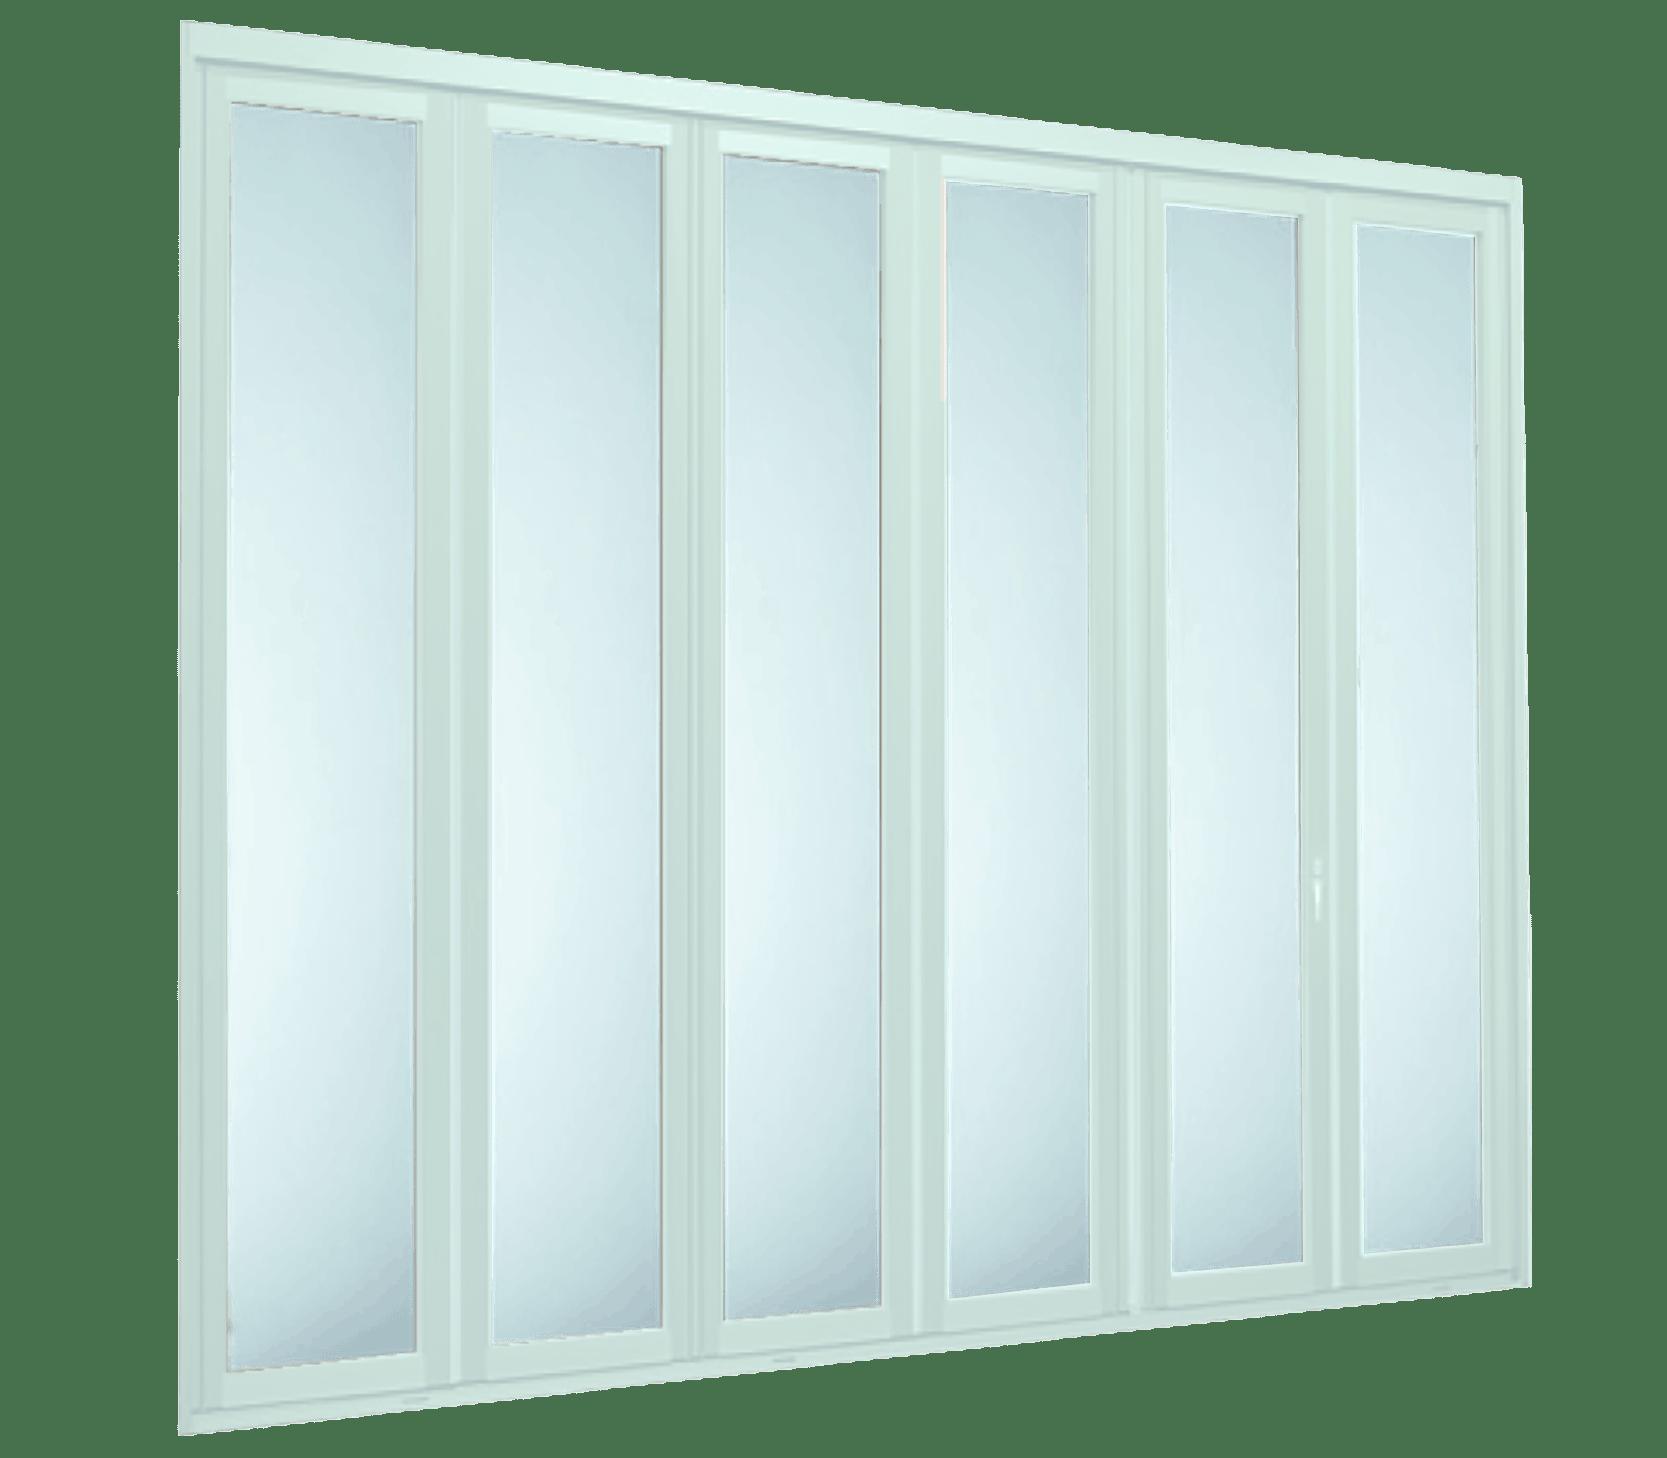 Aluminium Folding Doors - 6 Panel